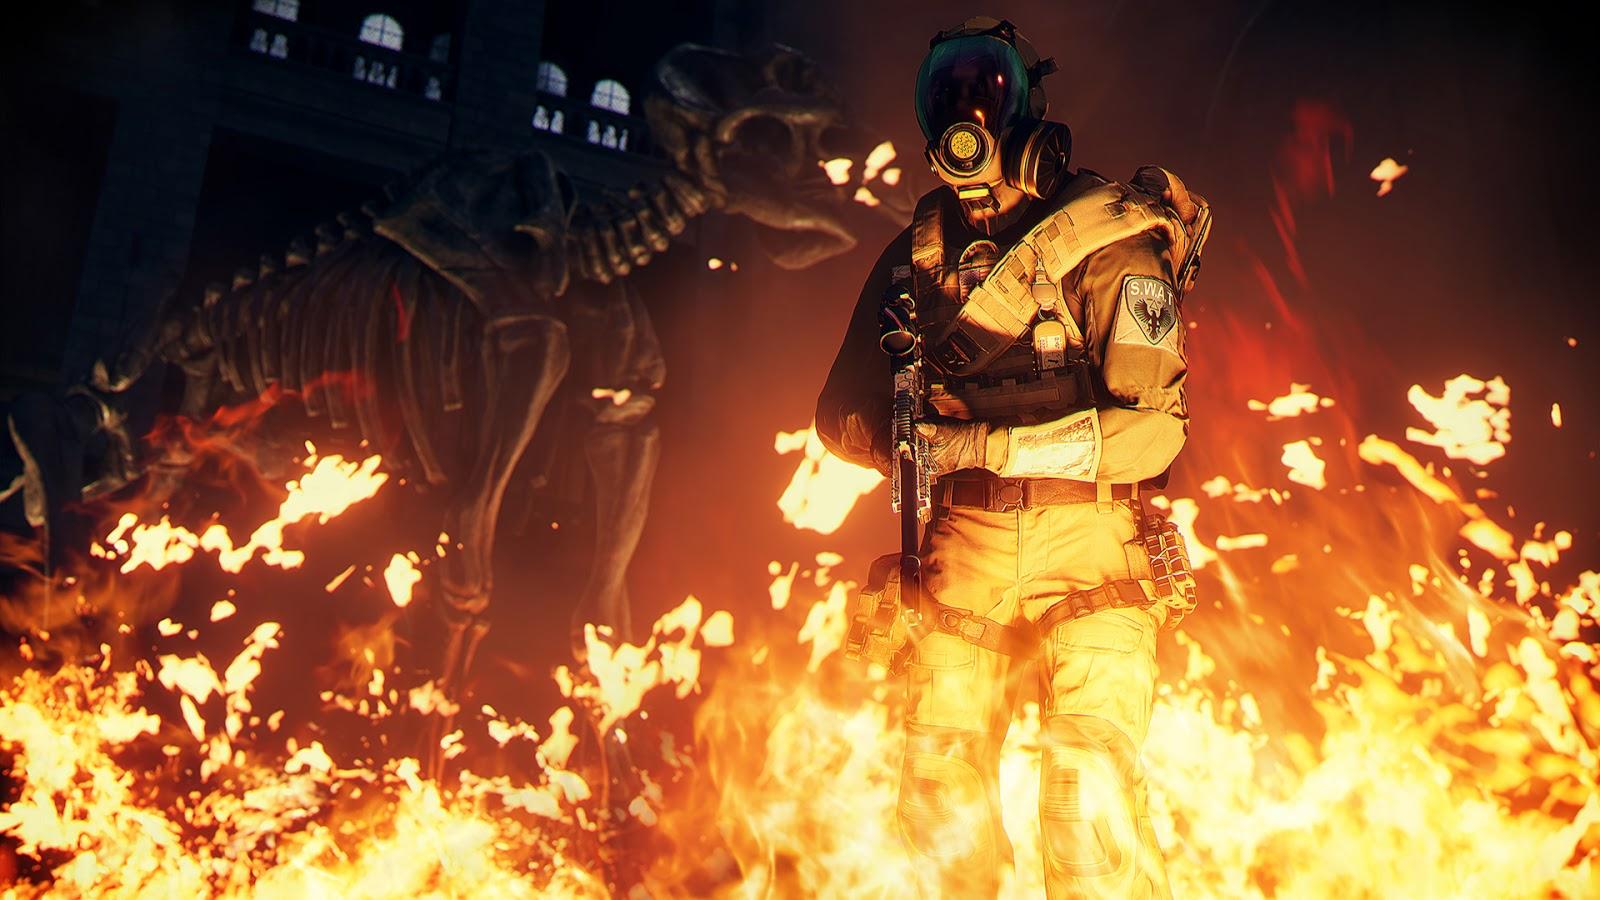 Liberado novo DLC e atualização para Battlefield Hardline